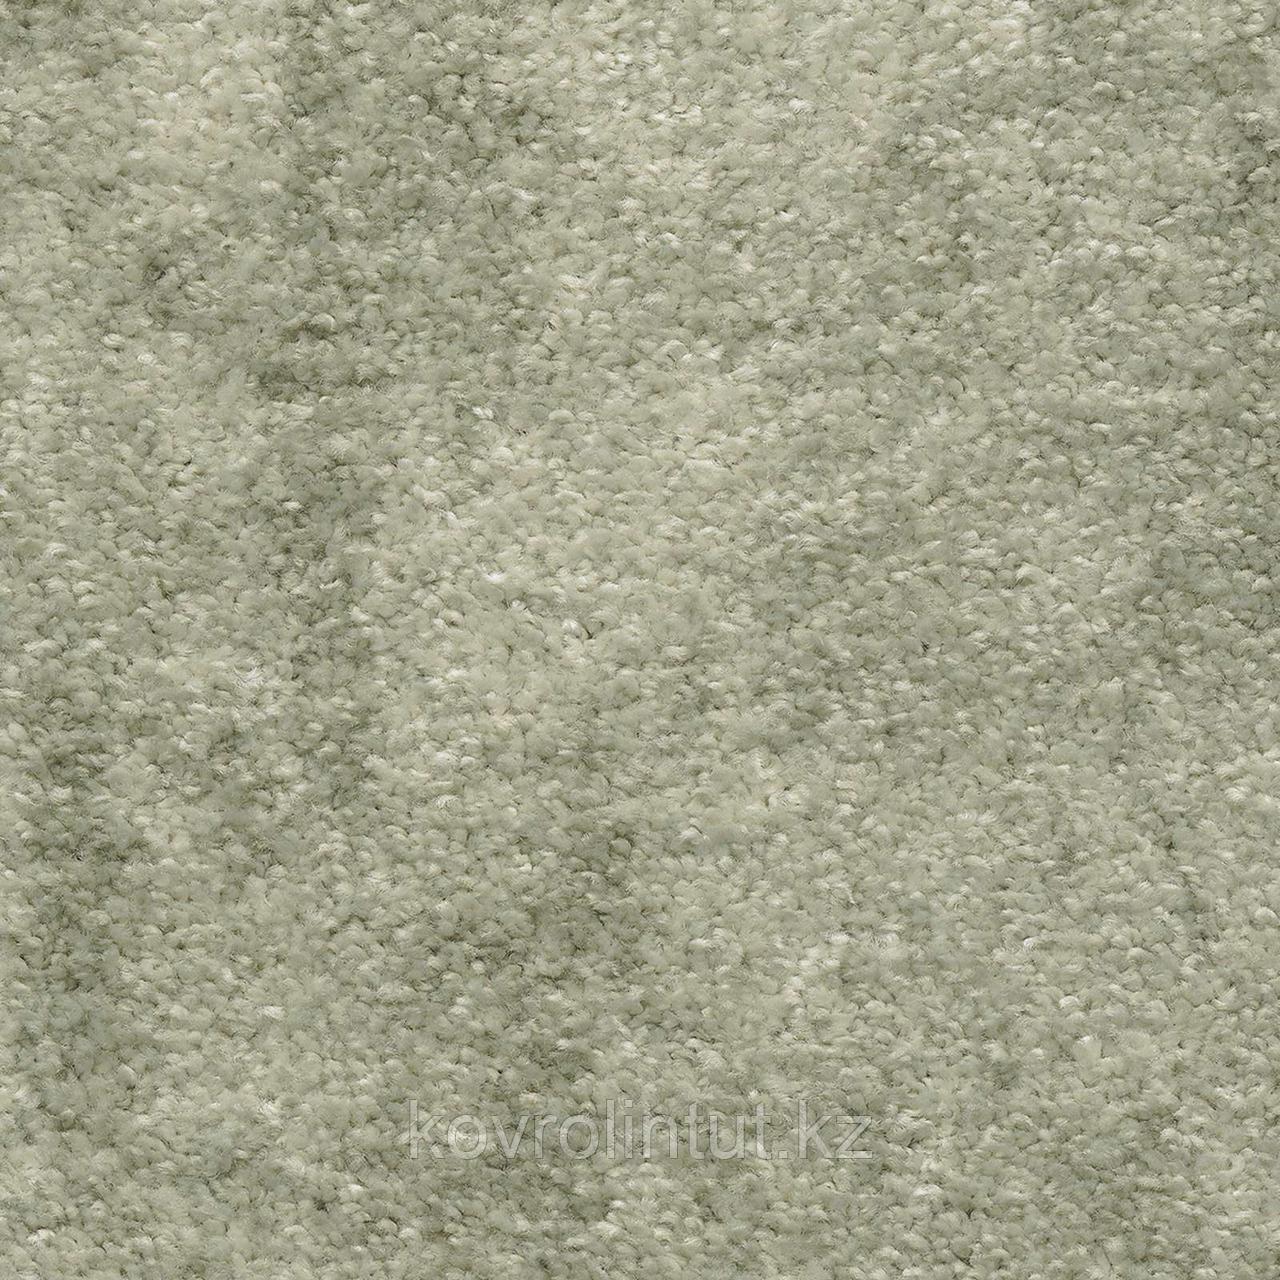 Ковровое покрытие AW Masquerade LUNA 20 серый 4 м